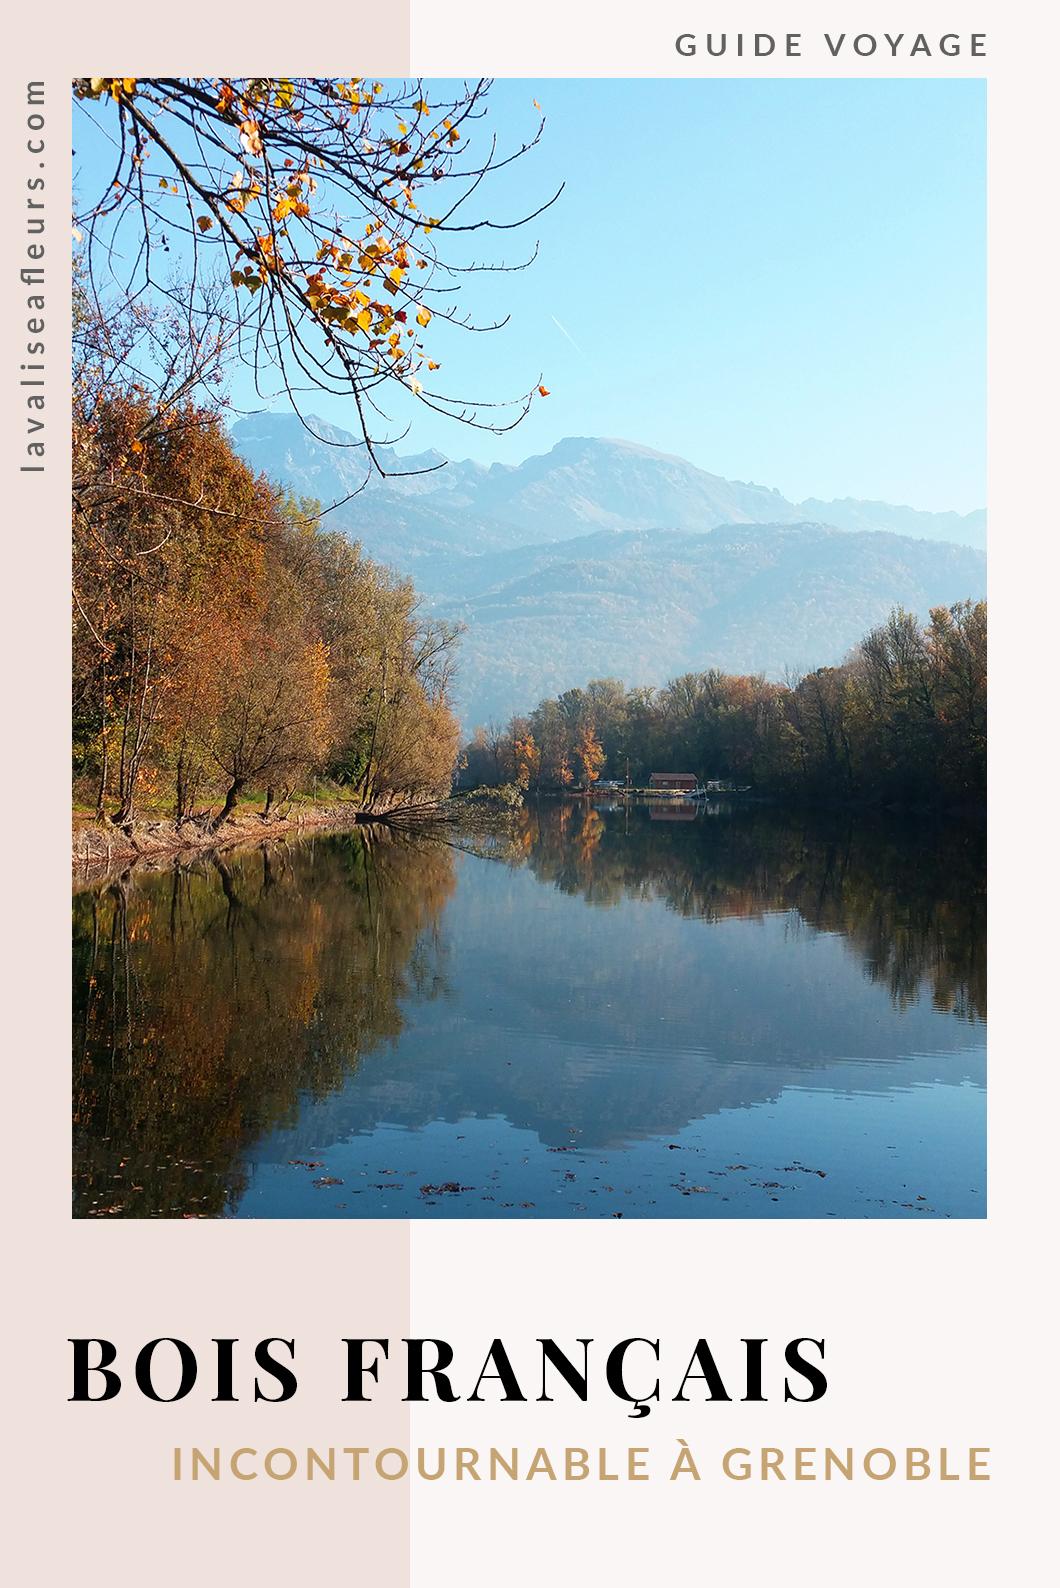 Le bois Français, les plus beaux lacs des Alpes